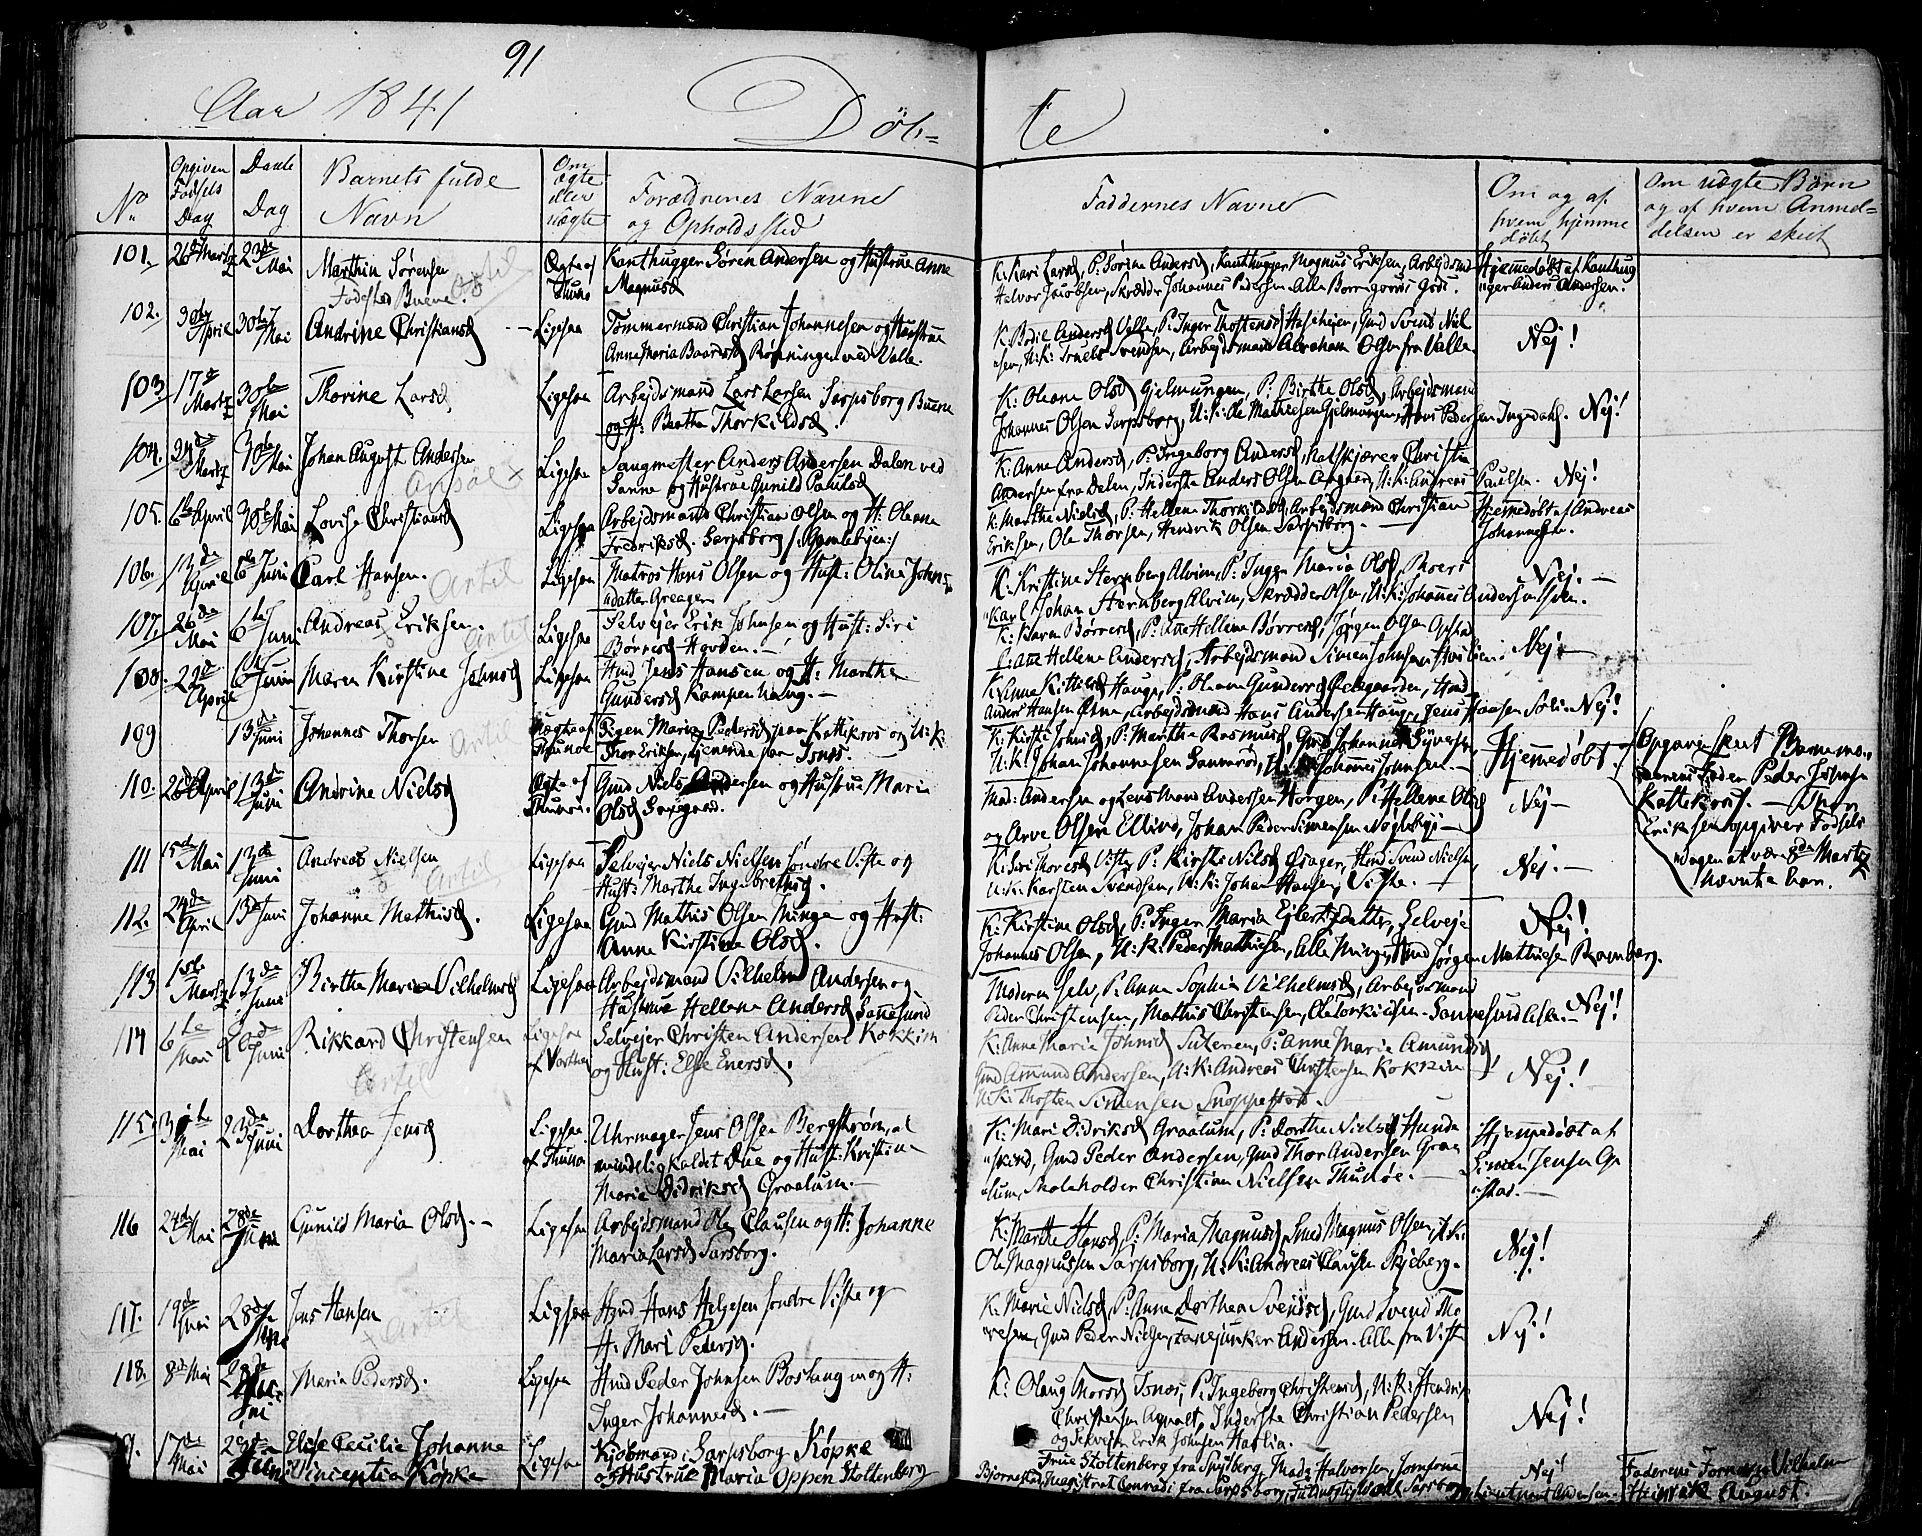 SAO, Tune prestekontor Kirkebøker, F/Fa/L0008: Ministerialbok nr. 8, 1837-1841, s. 91